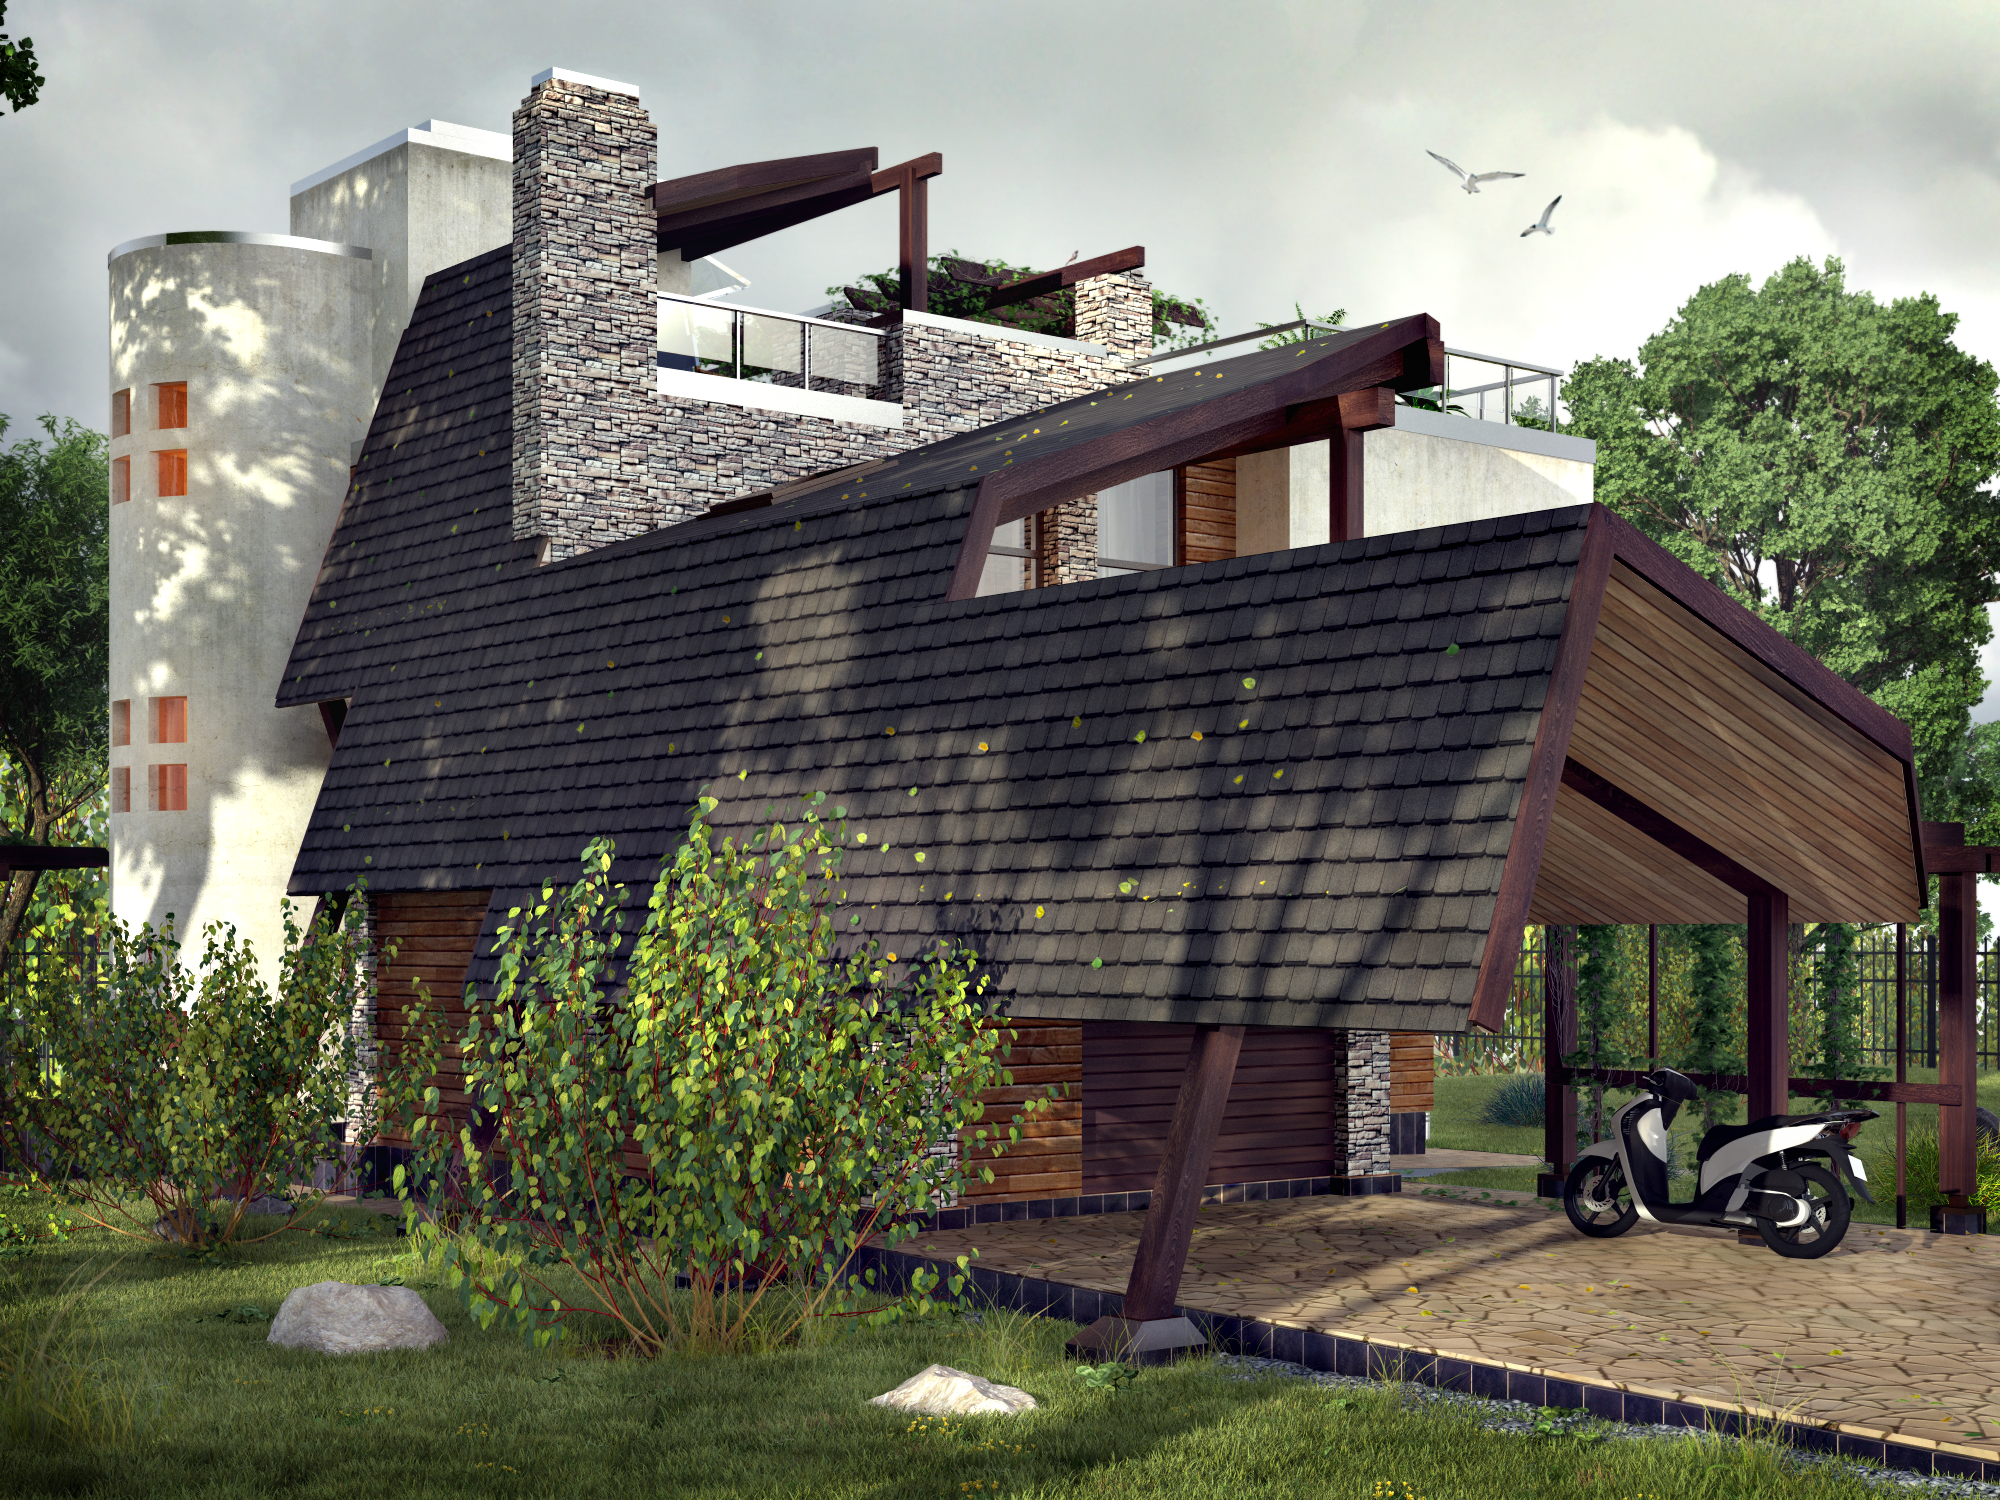 проект Ниагара - проект дома с плоской эксплуатируемой кровлей, панорамными окнами и террасами